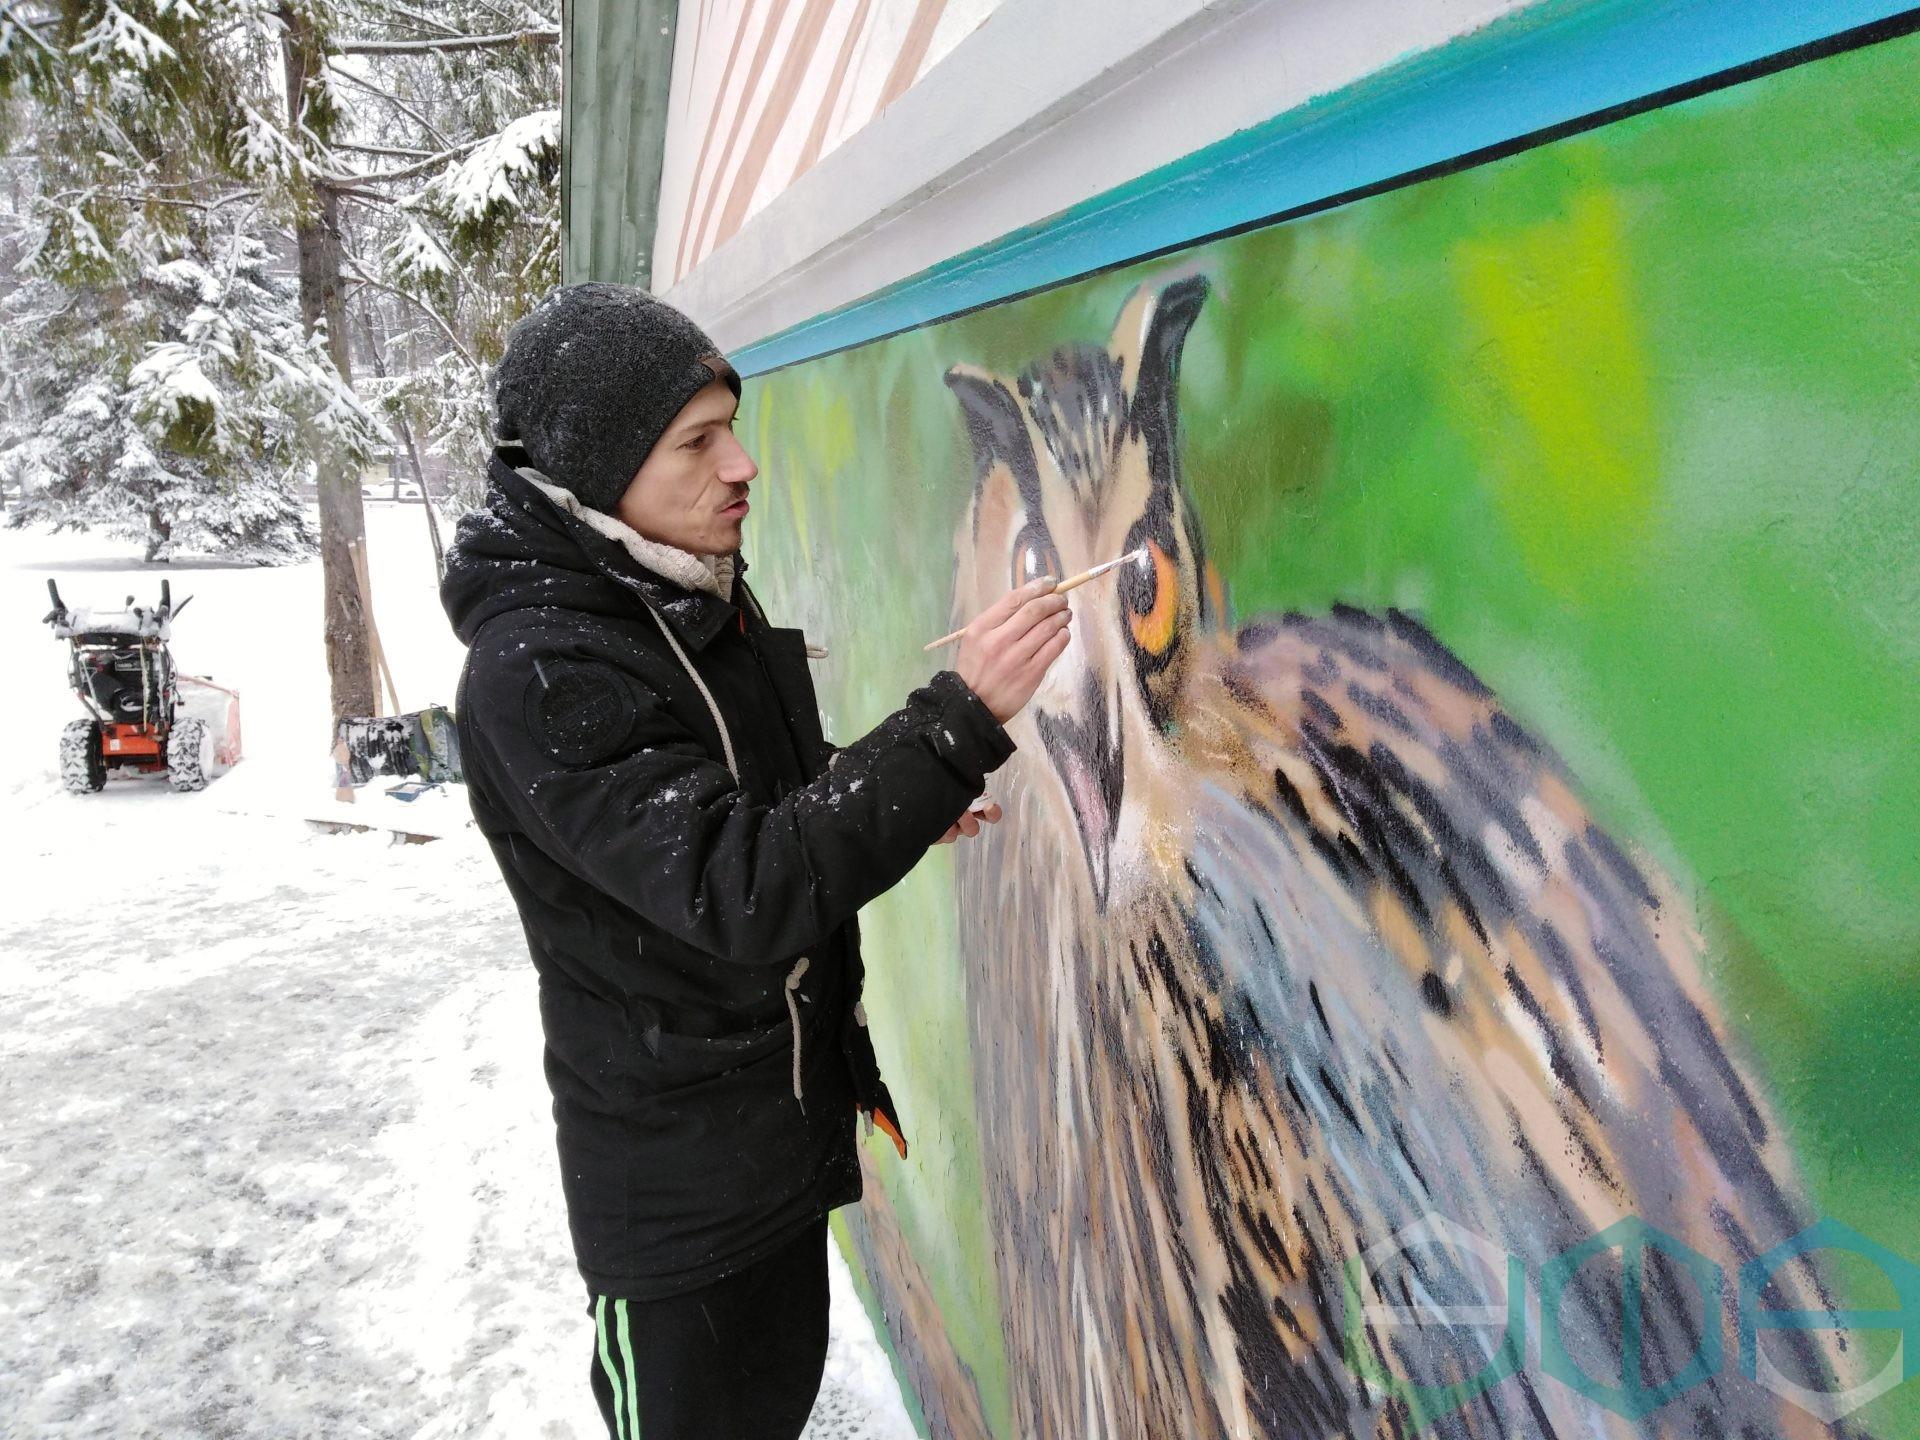 В Уфе появилось граффити с изображением филина